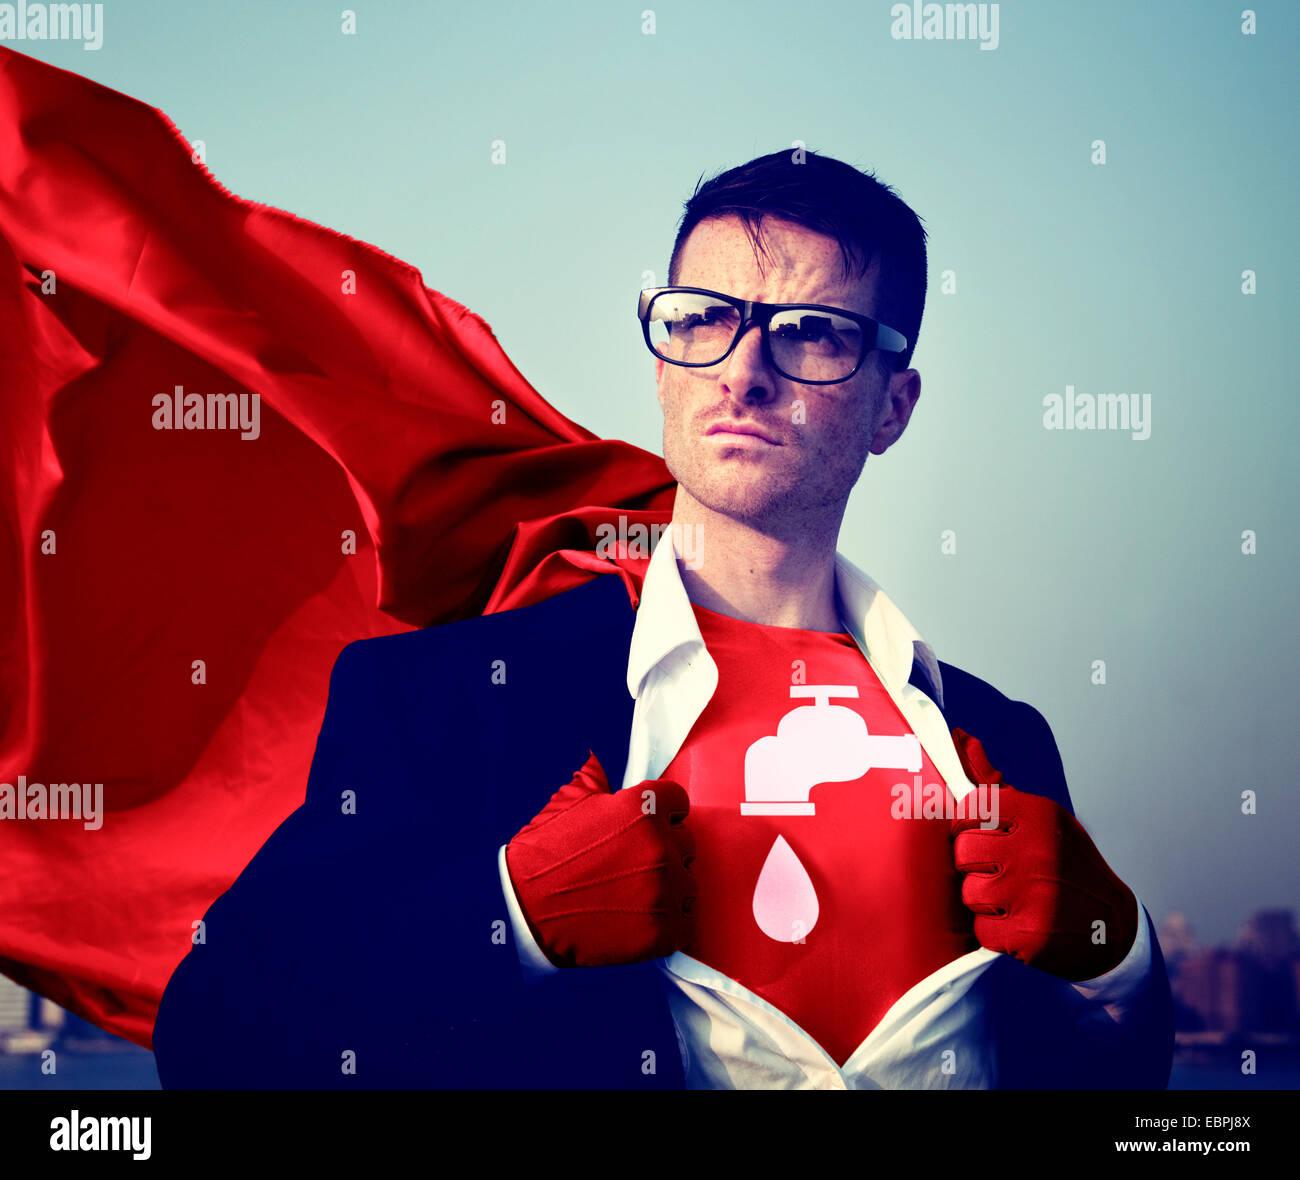 Starke Superhelden professionelle Empowerment Lager Erfolgskonzept zum Wassersparen Stockbild